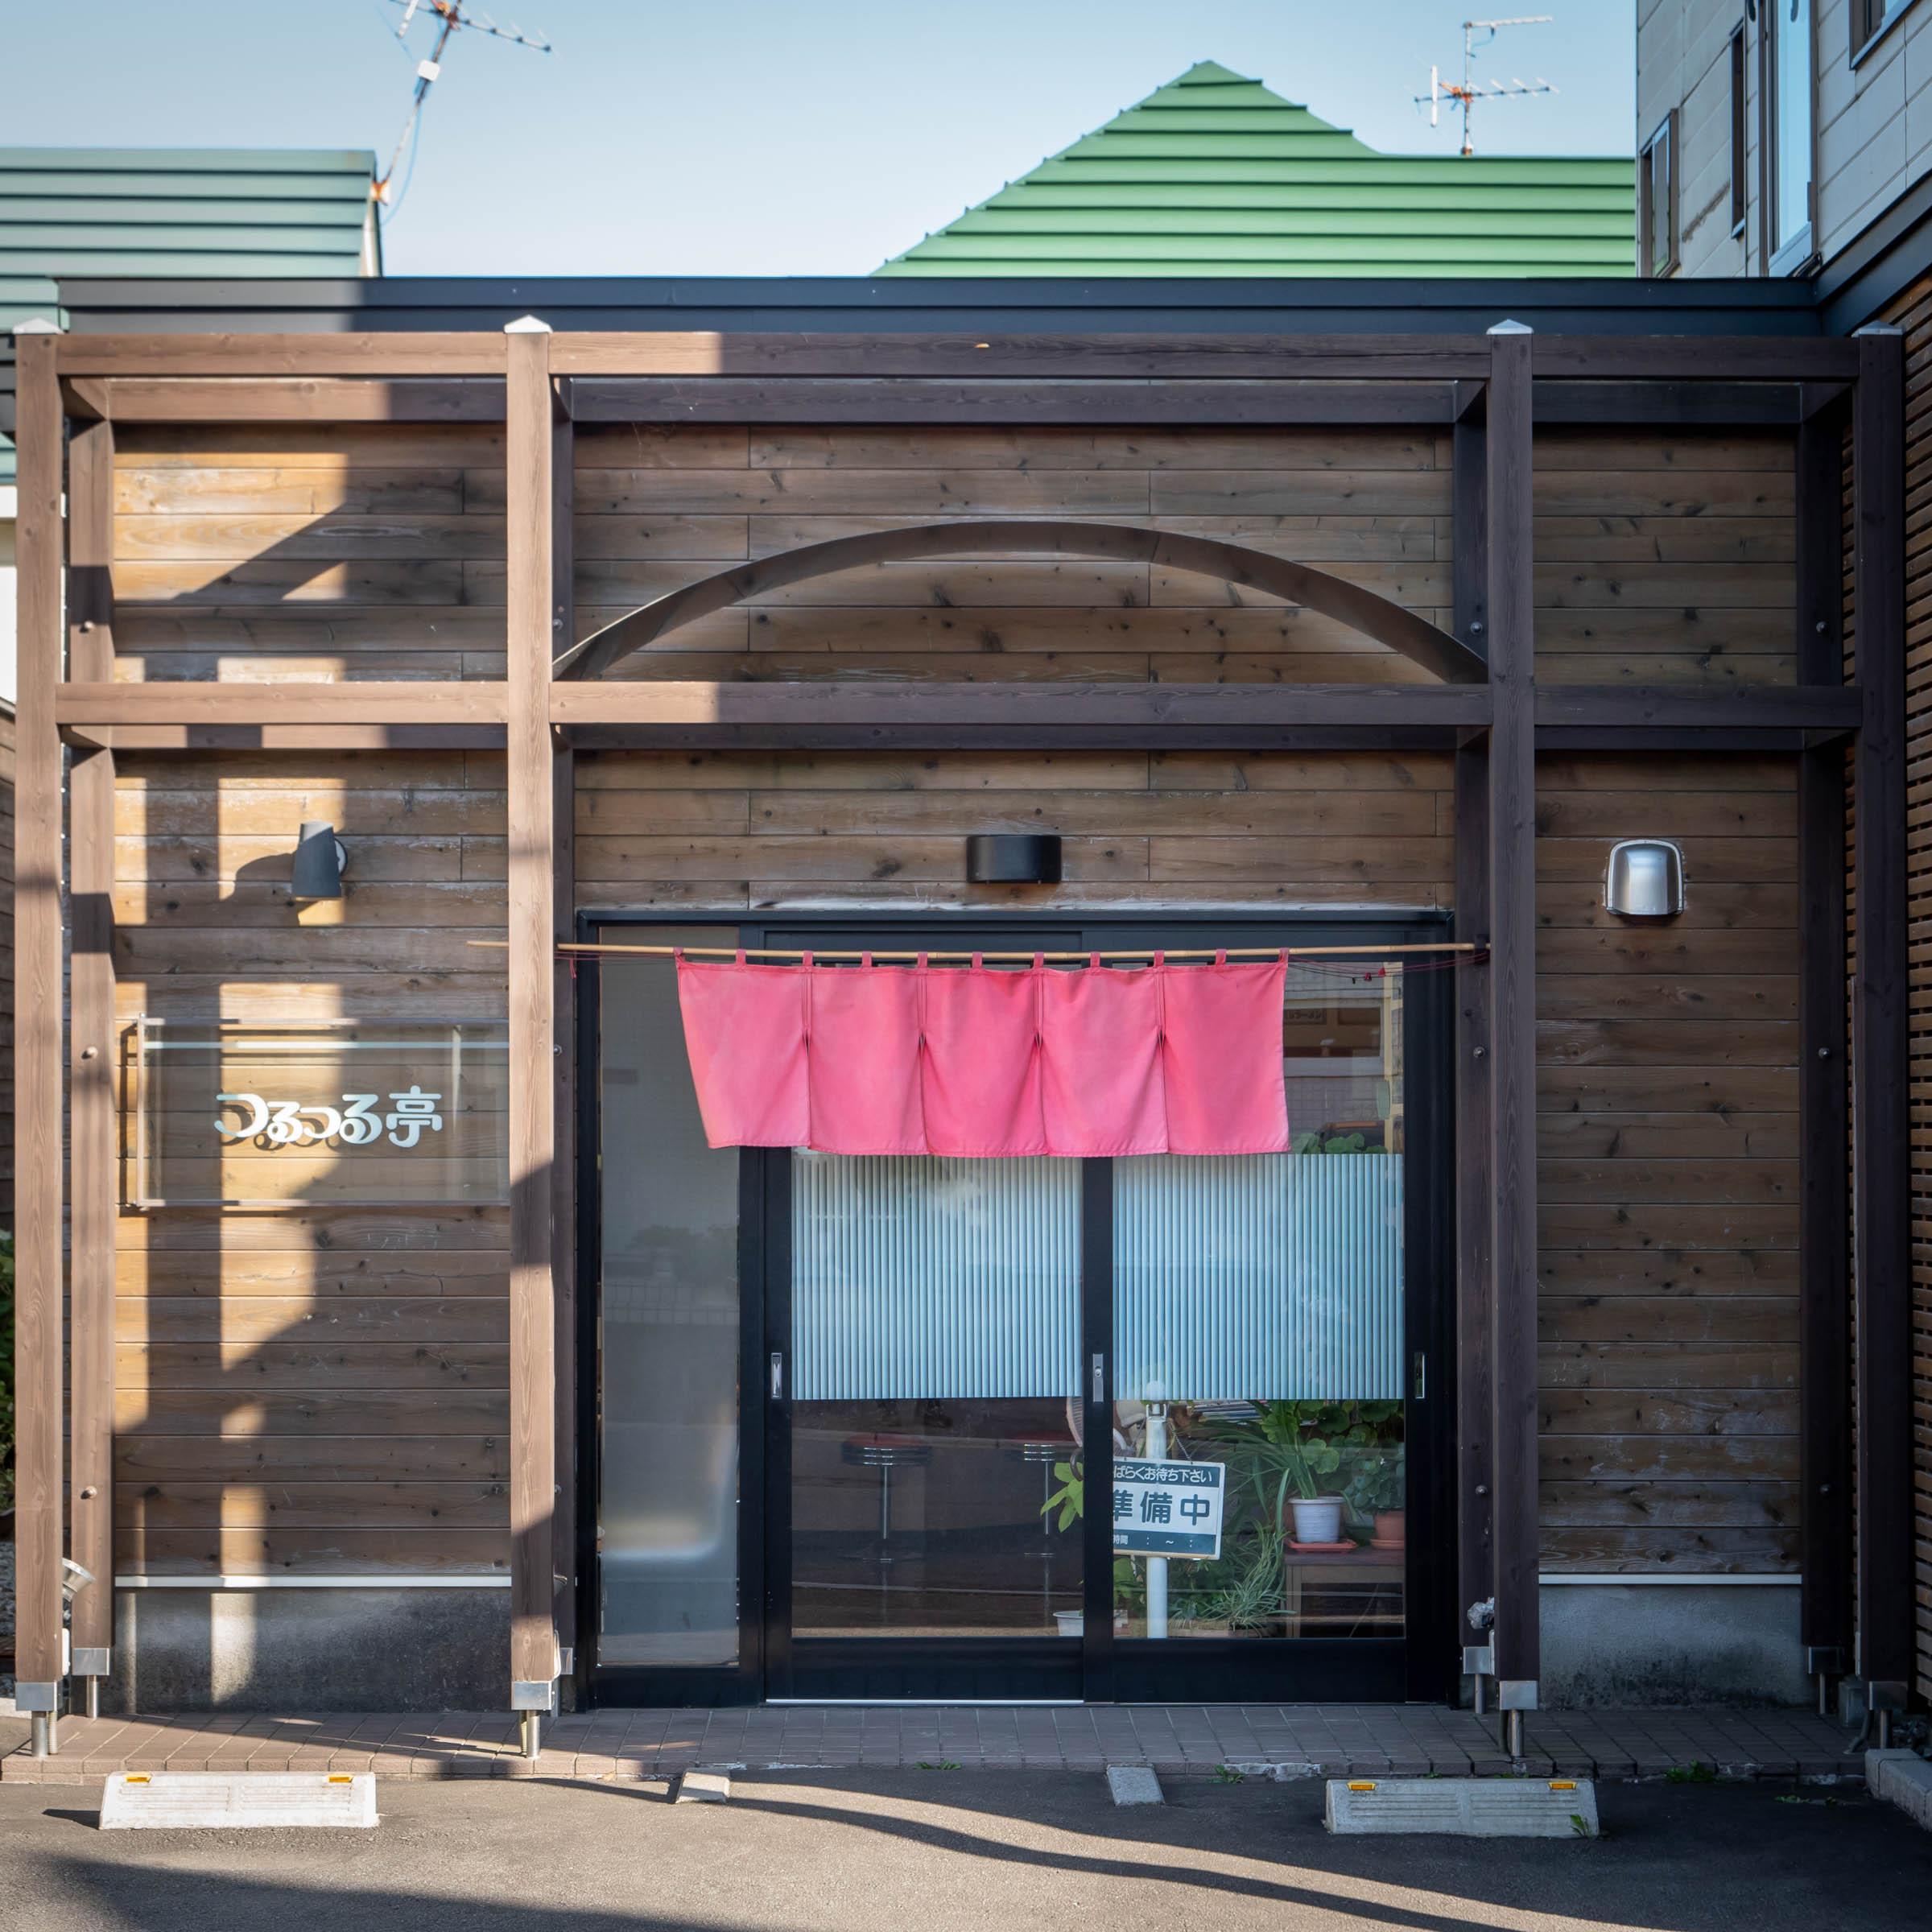 麺 つるつる亭店の玄関 DMC-GX8 + LEICA DG 12-60mm